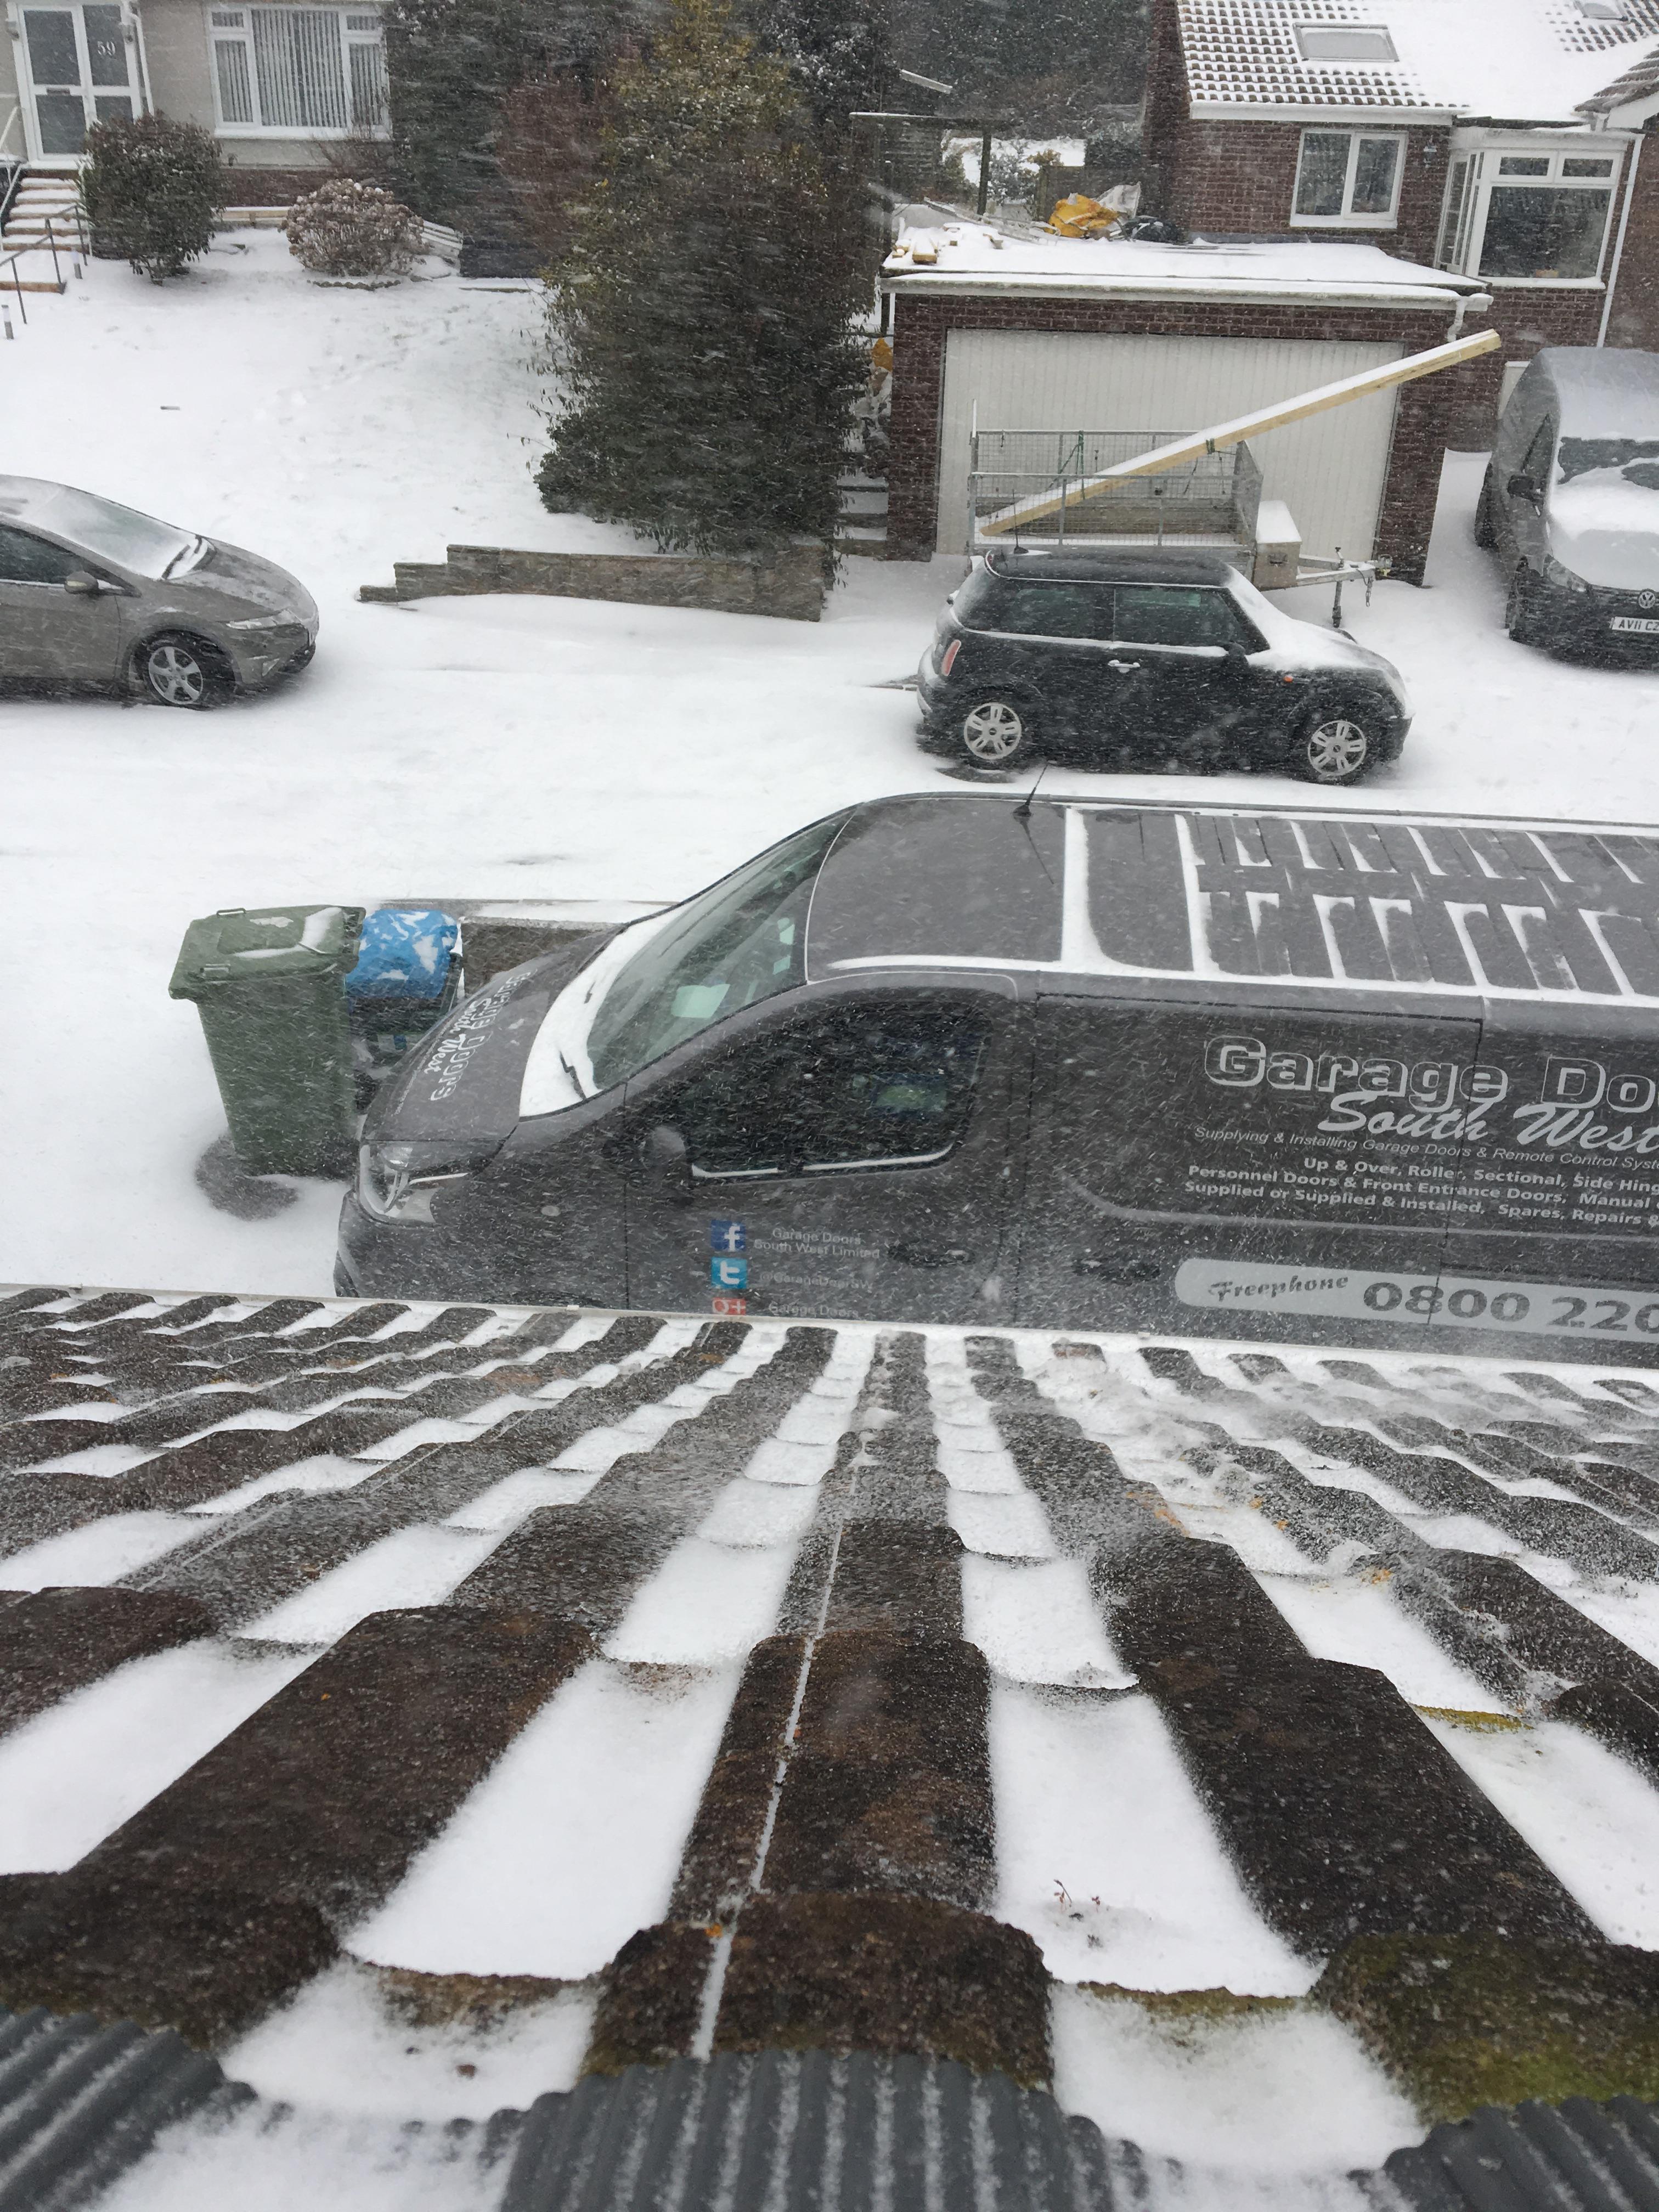 Snow Day 01 03 2018 Update Garage Doors